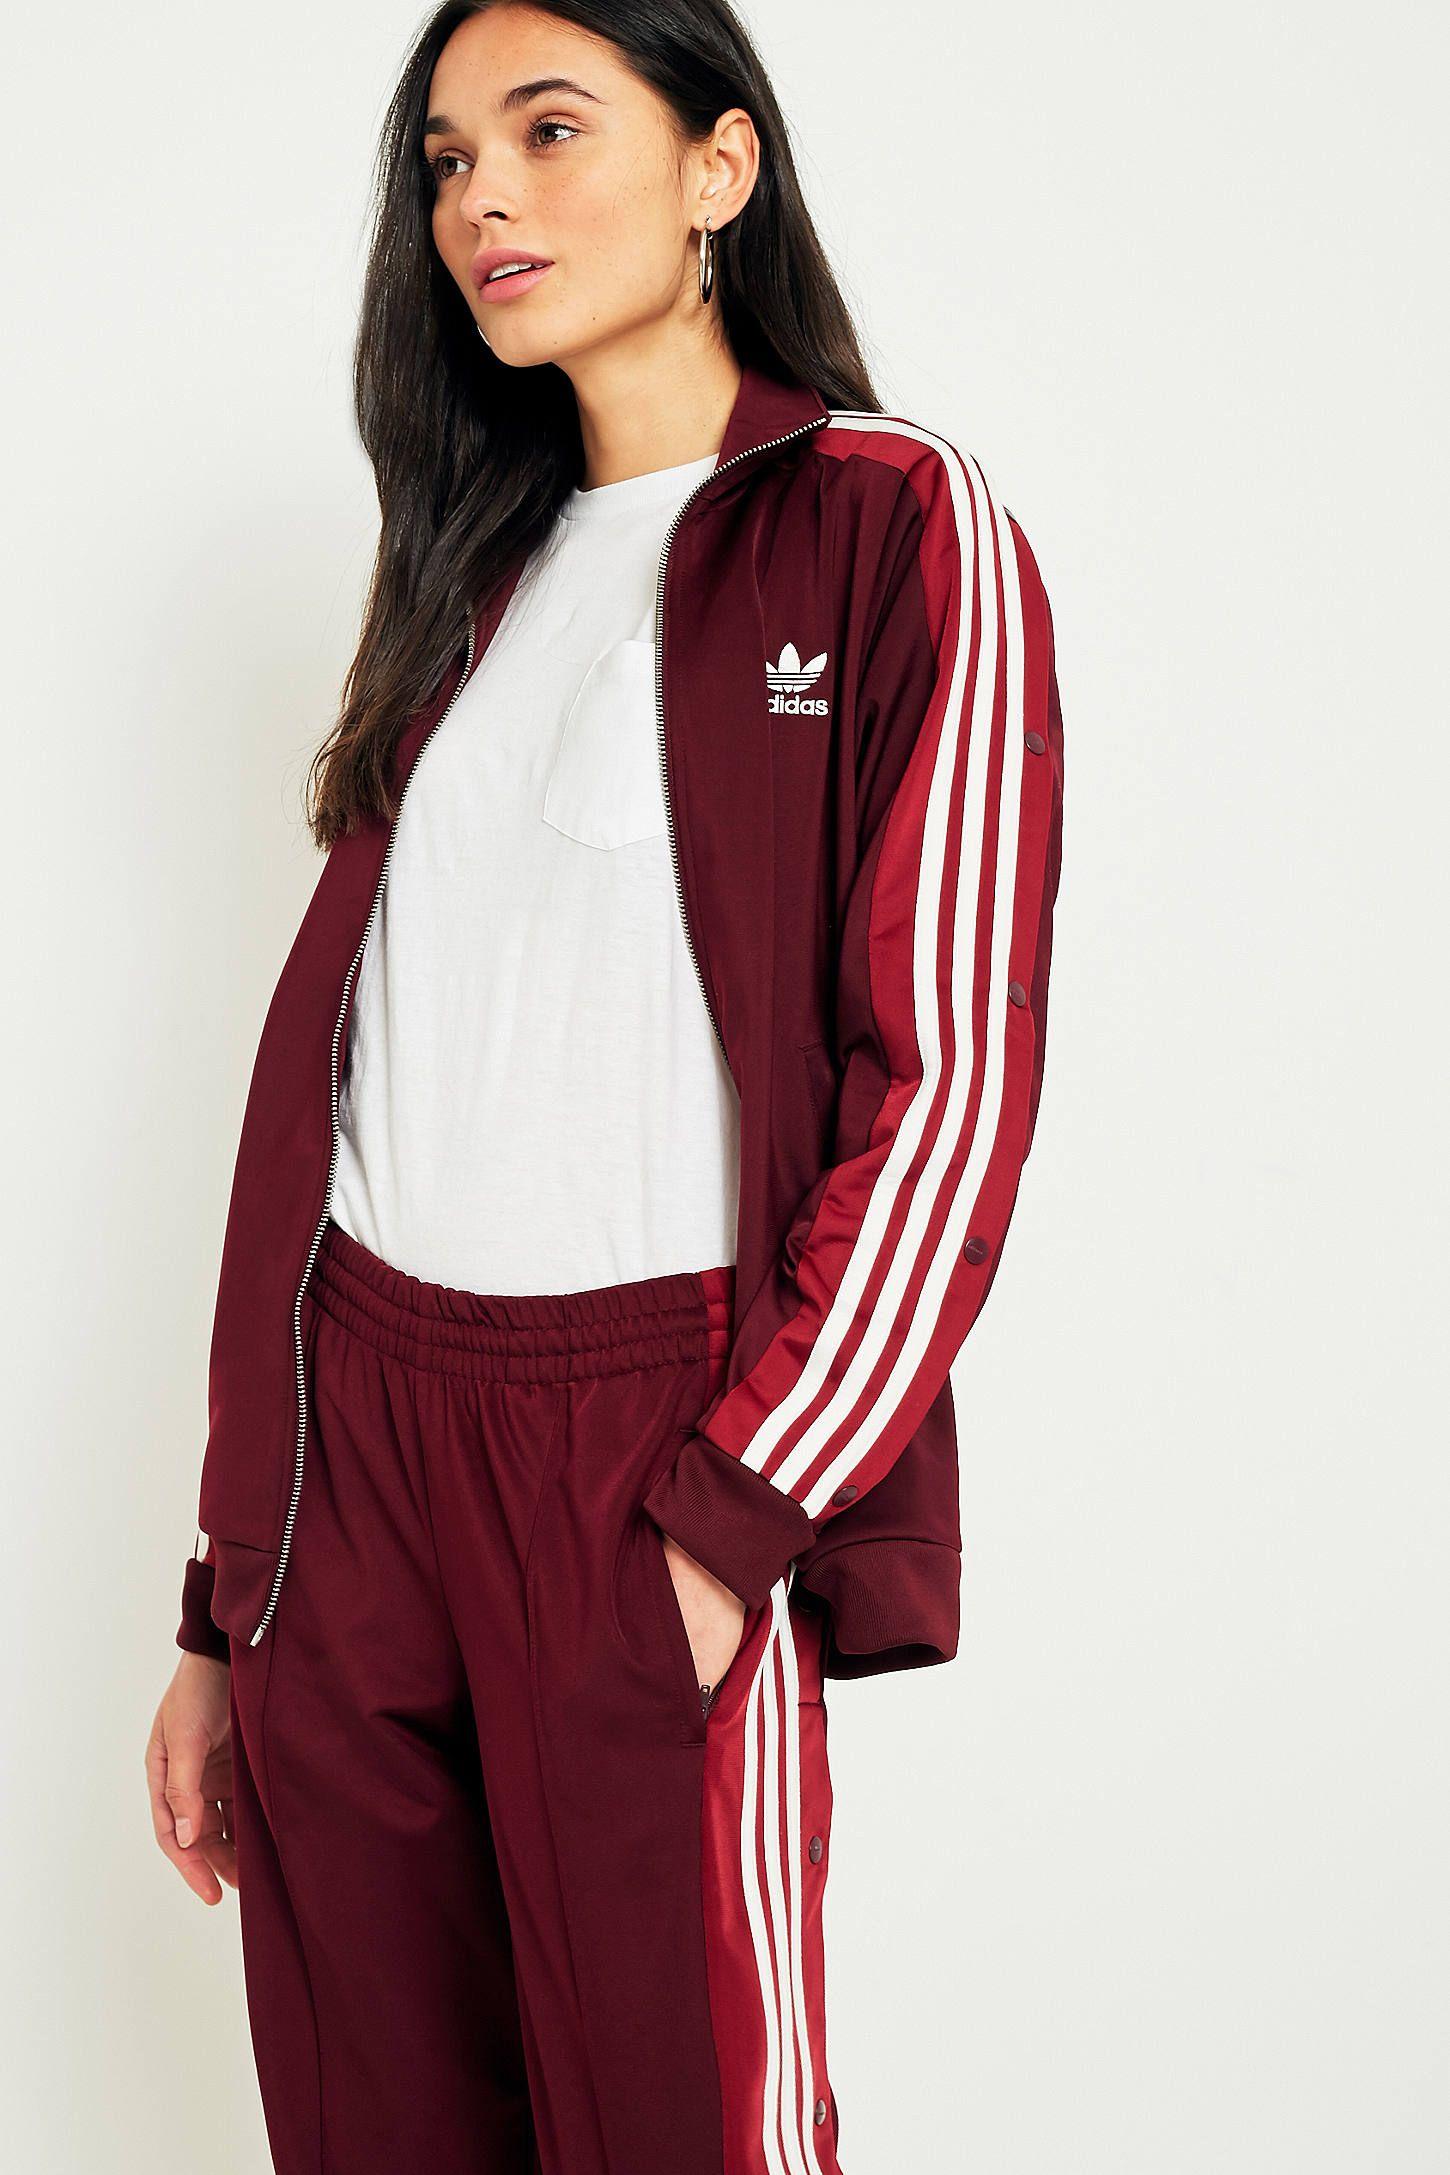 Adidas Originals adibreak Borgoña 3 Stripe Popper pista pantalones